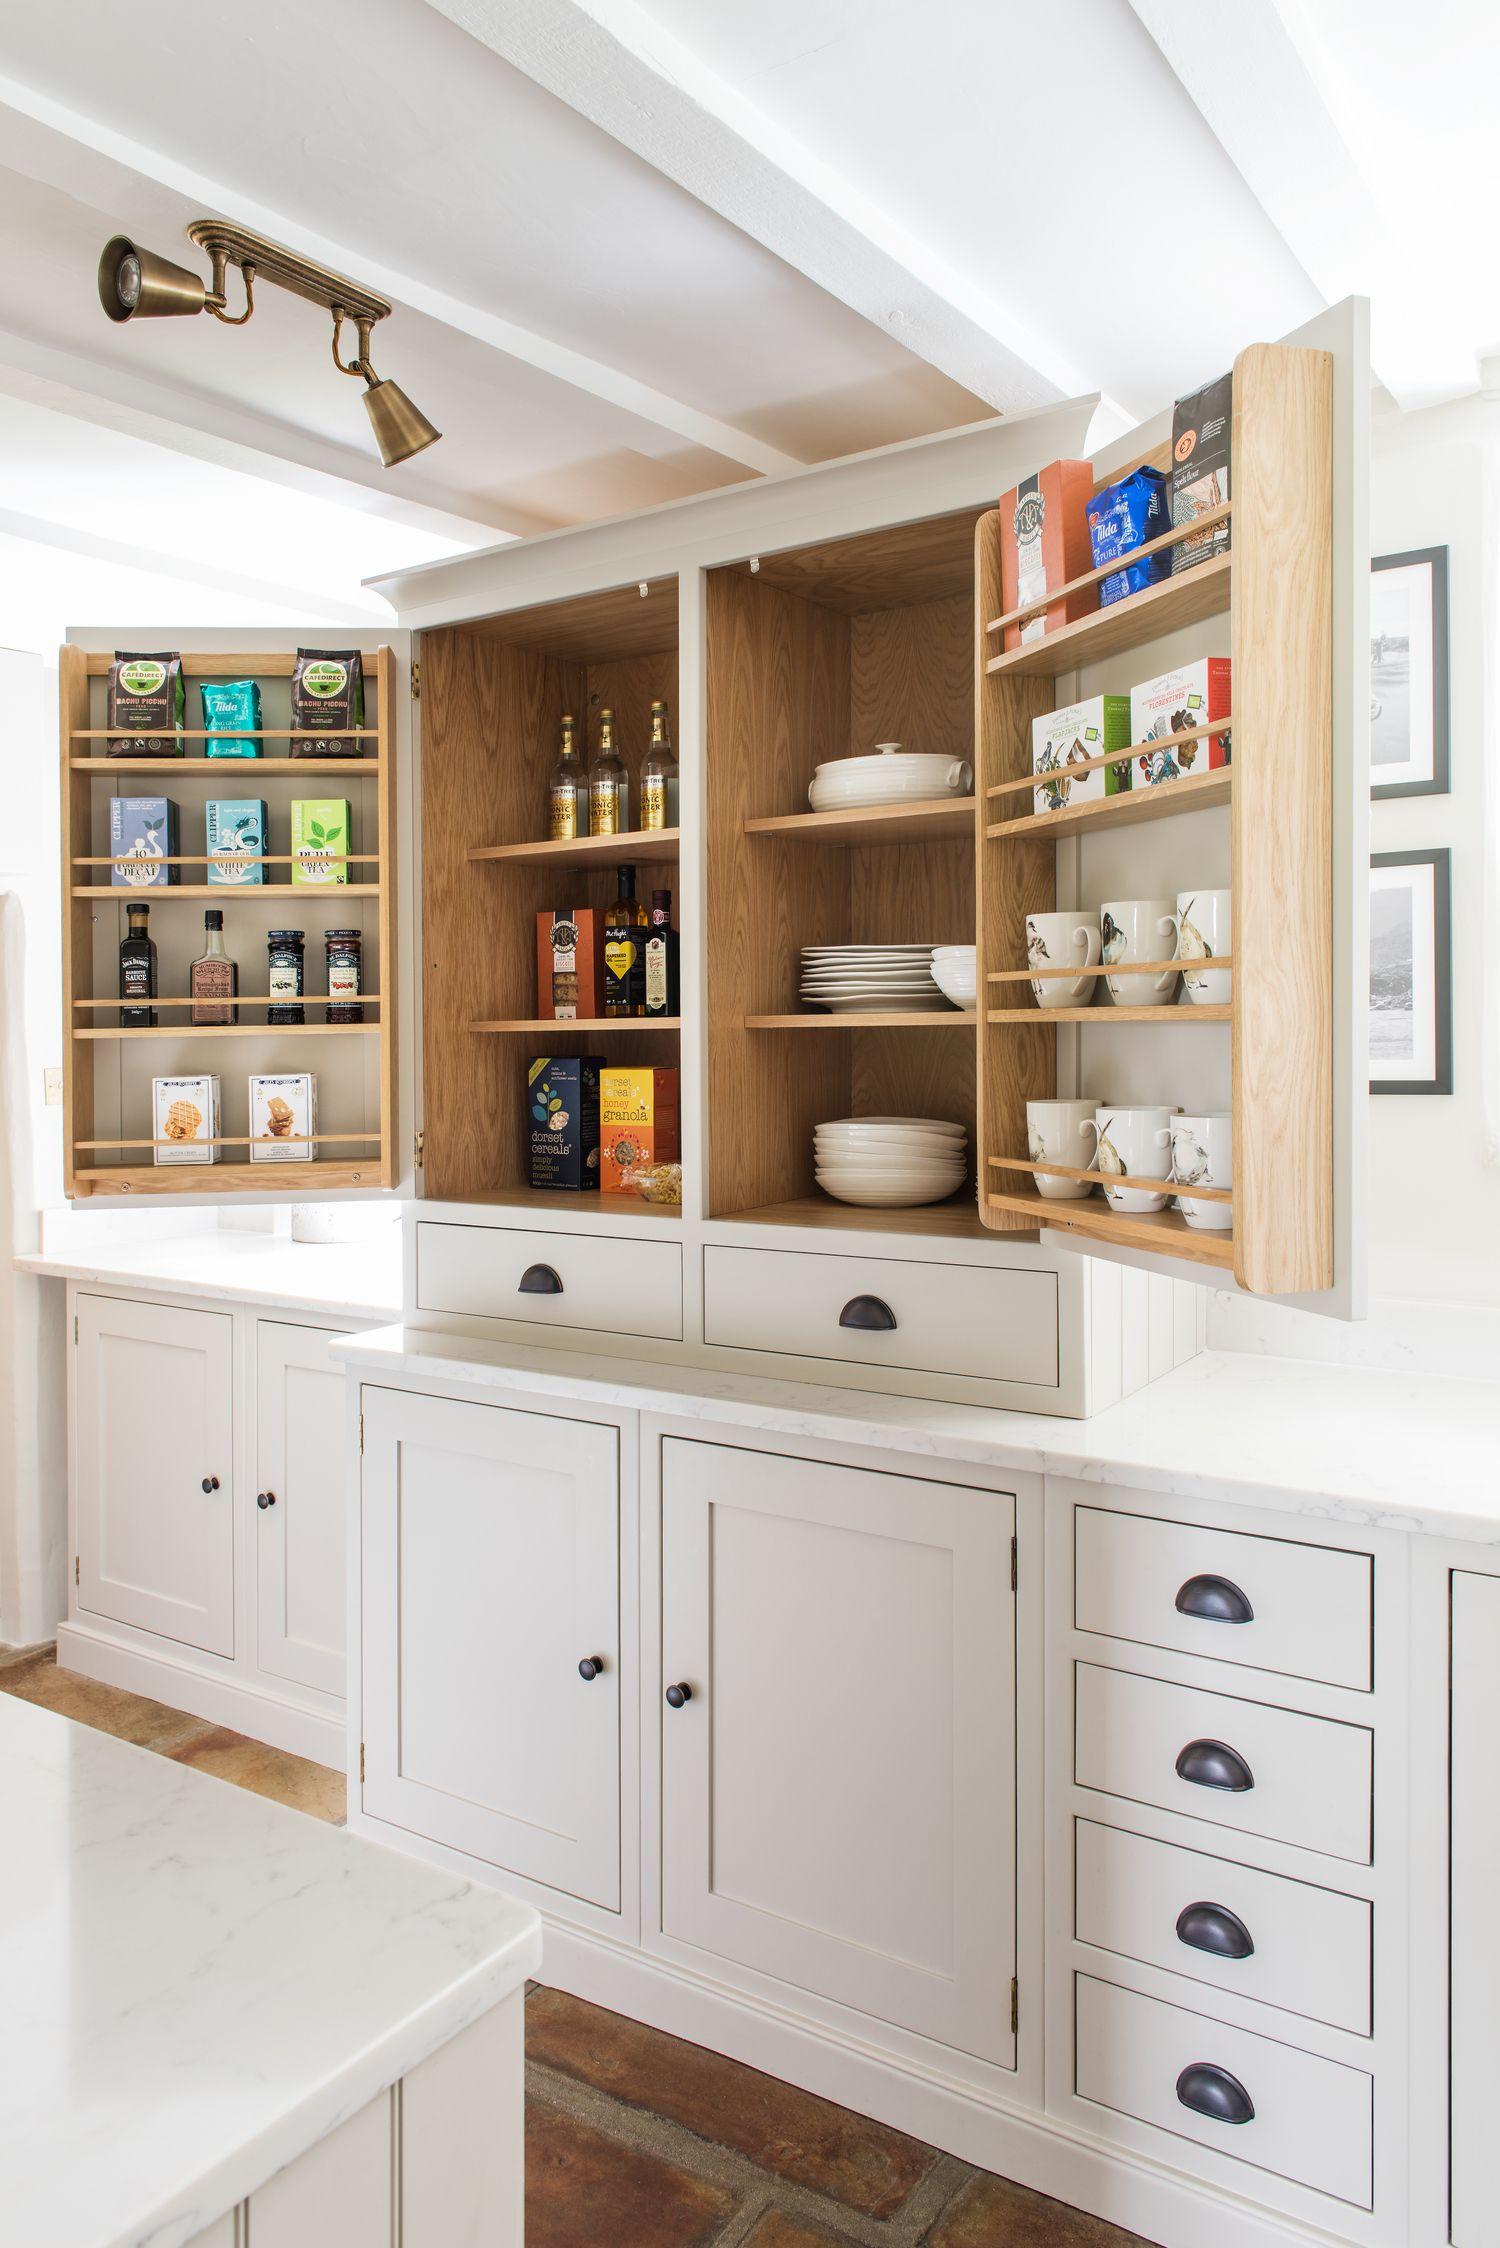 Painted Shaker Kitchen - Love the kitchen storage ideas ...